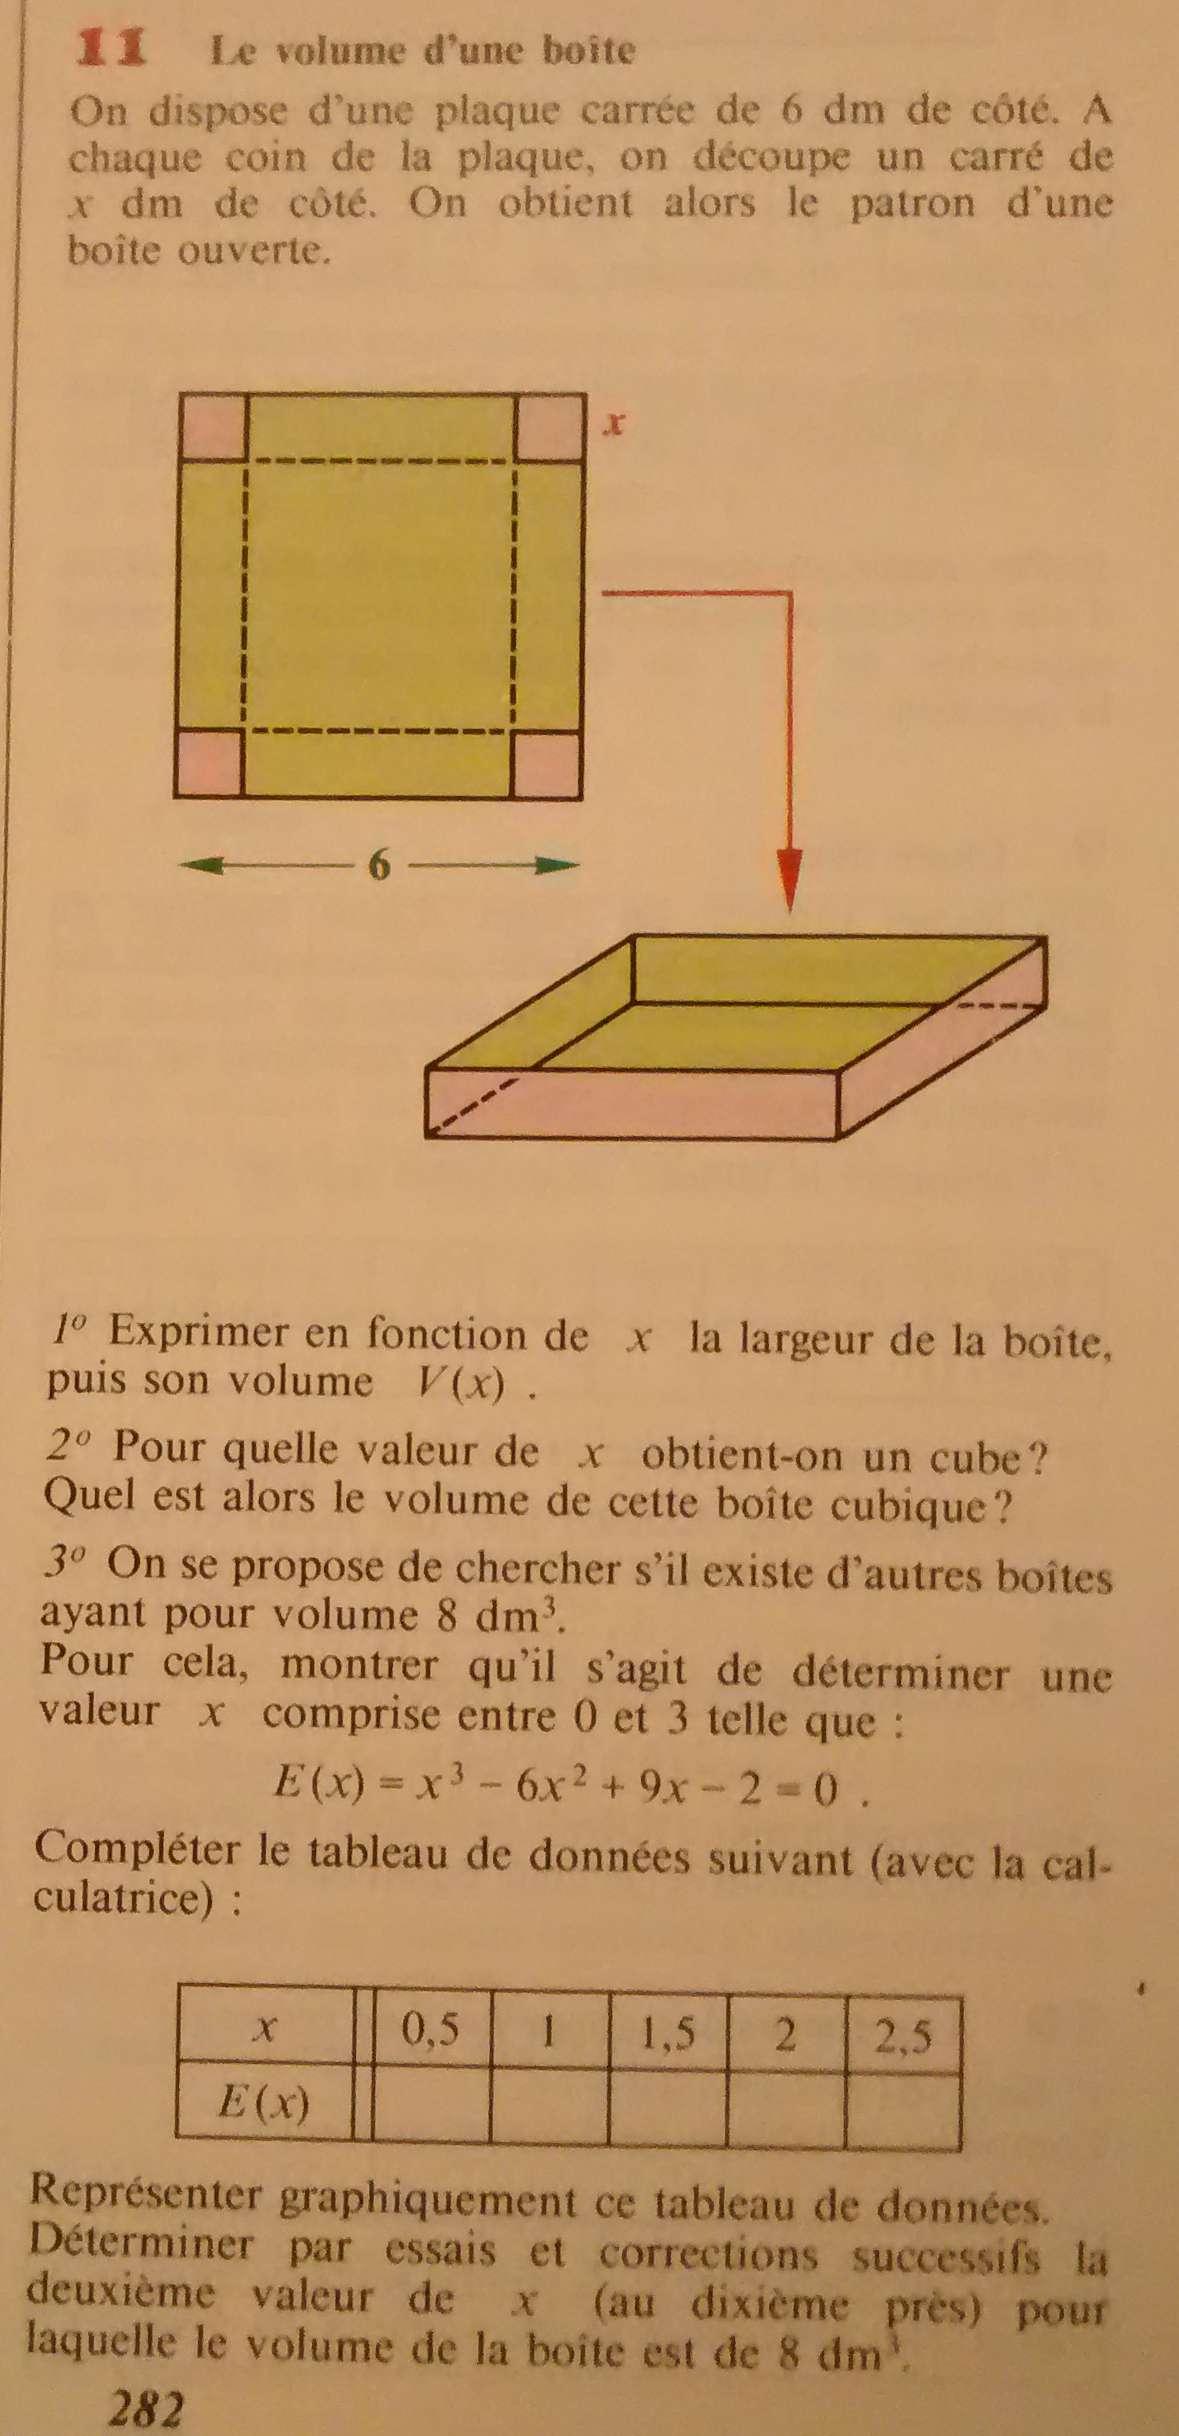 [Sondage] Informatique dans le programme de mathématiques - Page 3 Img_2012